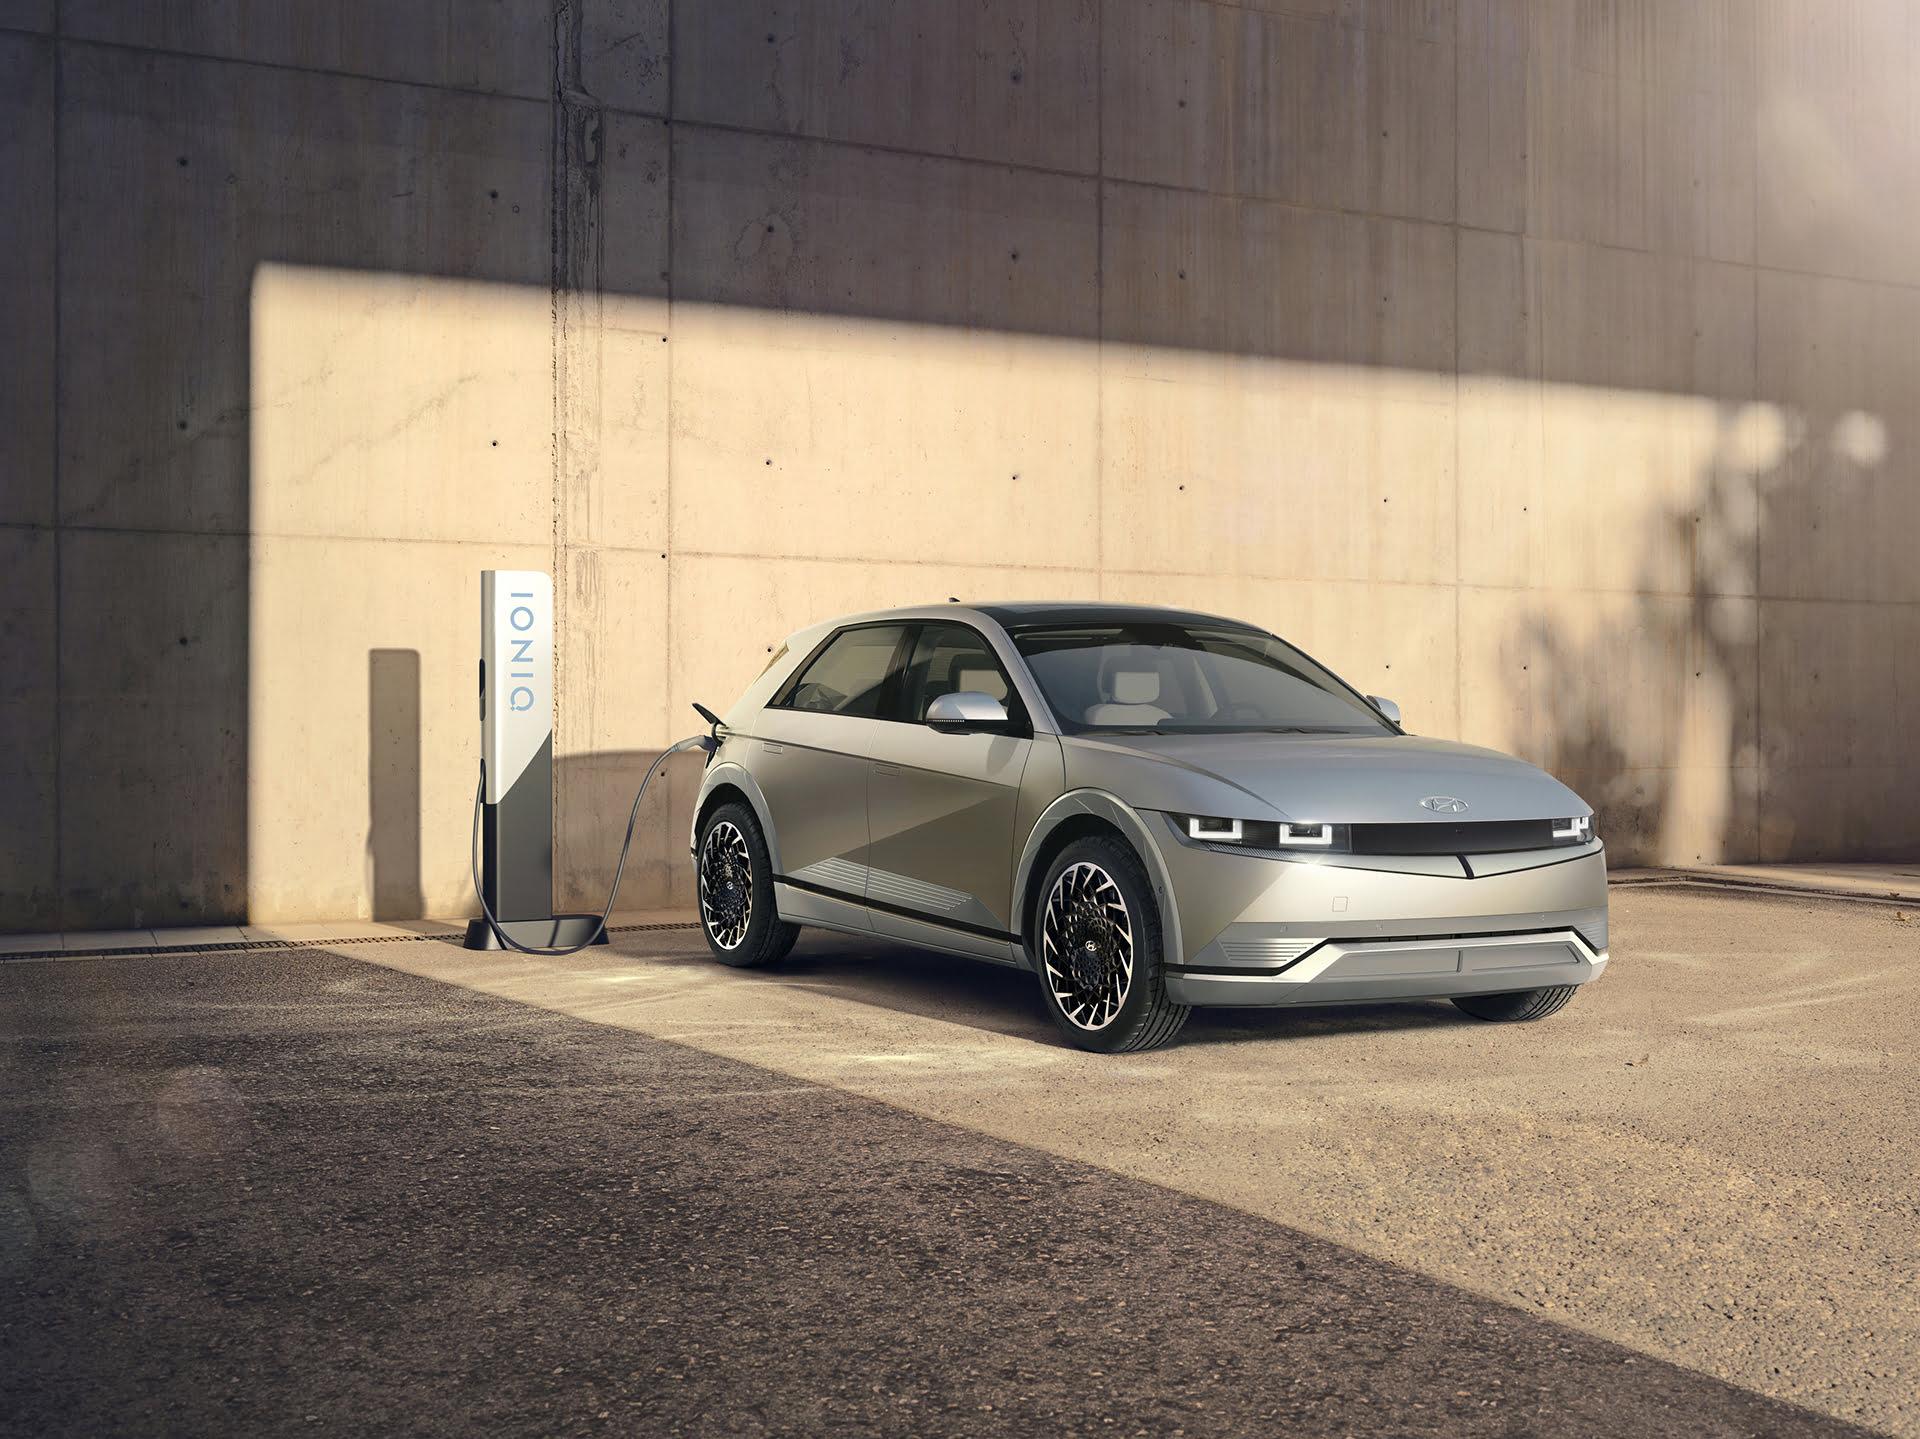 El IONIQ 5 marca una nueva era eléctrica en Hyundai